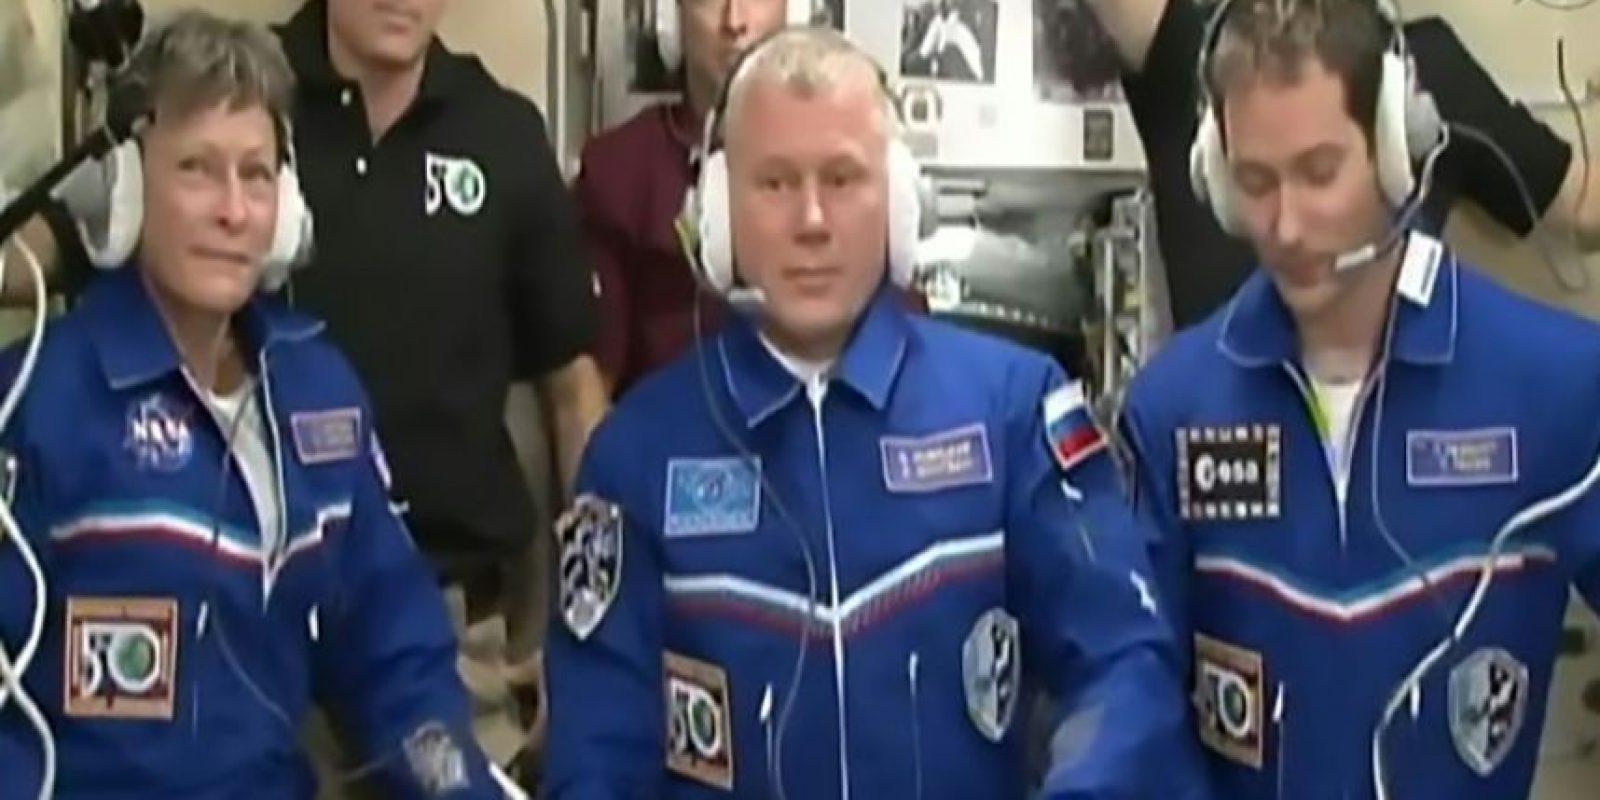 Los astronautas Peggy Whitson (I) Oleg Novitski (C) y Thomas Pesquet luego de su llegada a las Estación Espacial Internacional el 19 de noviembre de 2016 Foto:Douglas Curran/afp.com